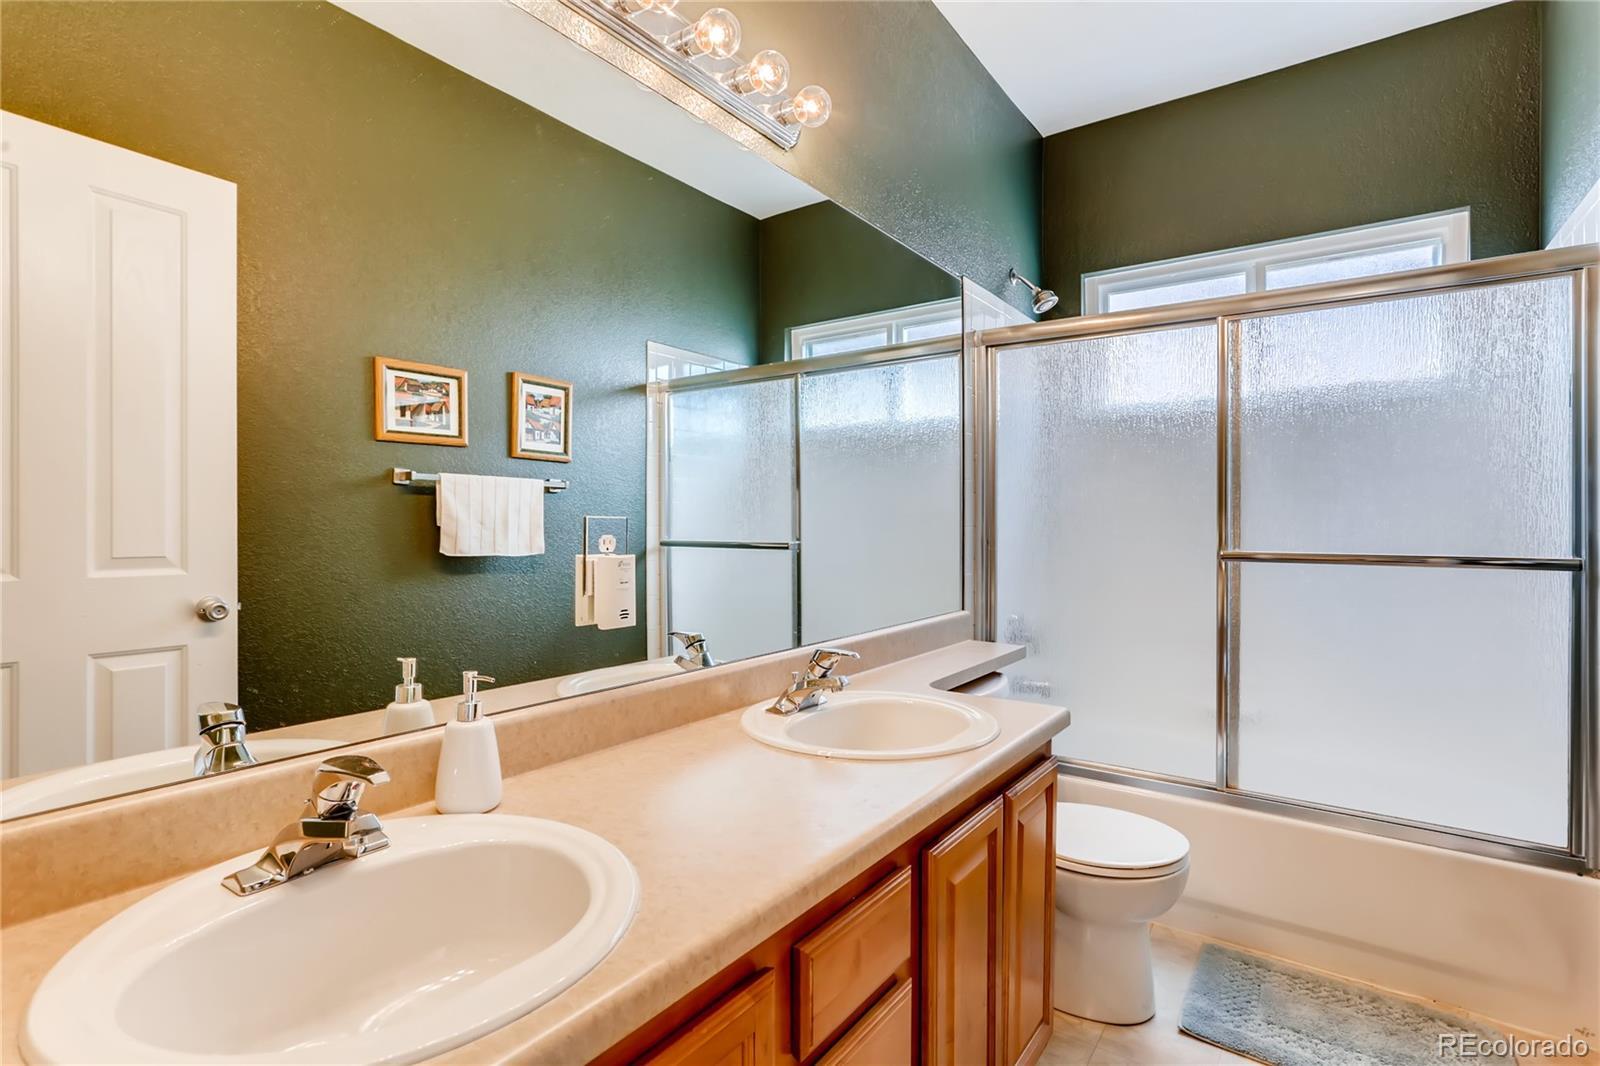 MLS# 3154871 - 19 - 4644 Cedar Glen Place, Castle Rock, CO 80109